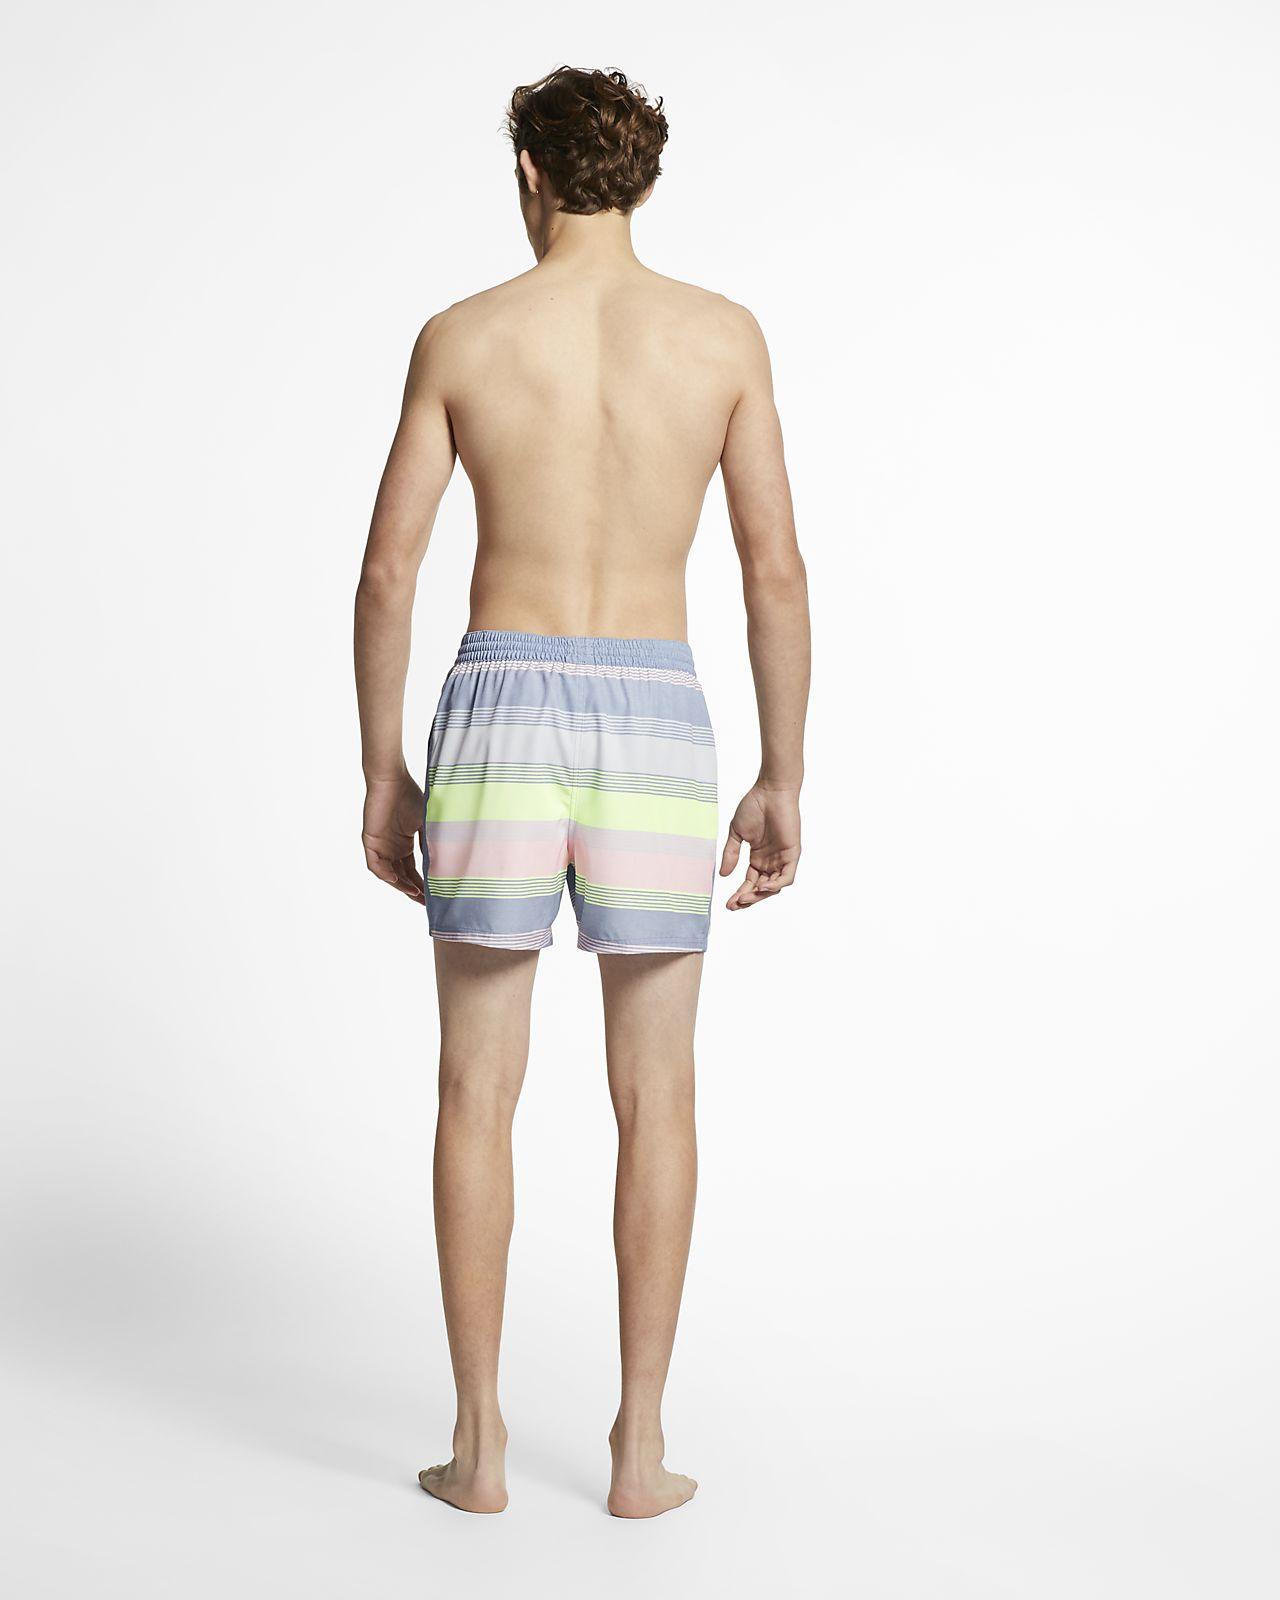 4458c72fbb6f Swimming Trunks Nike Linen Racer Men s 13cm (approx.) Swimming Trunks